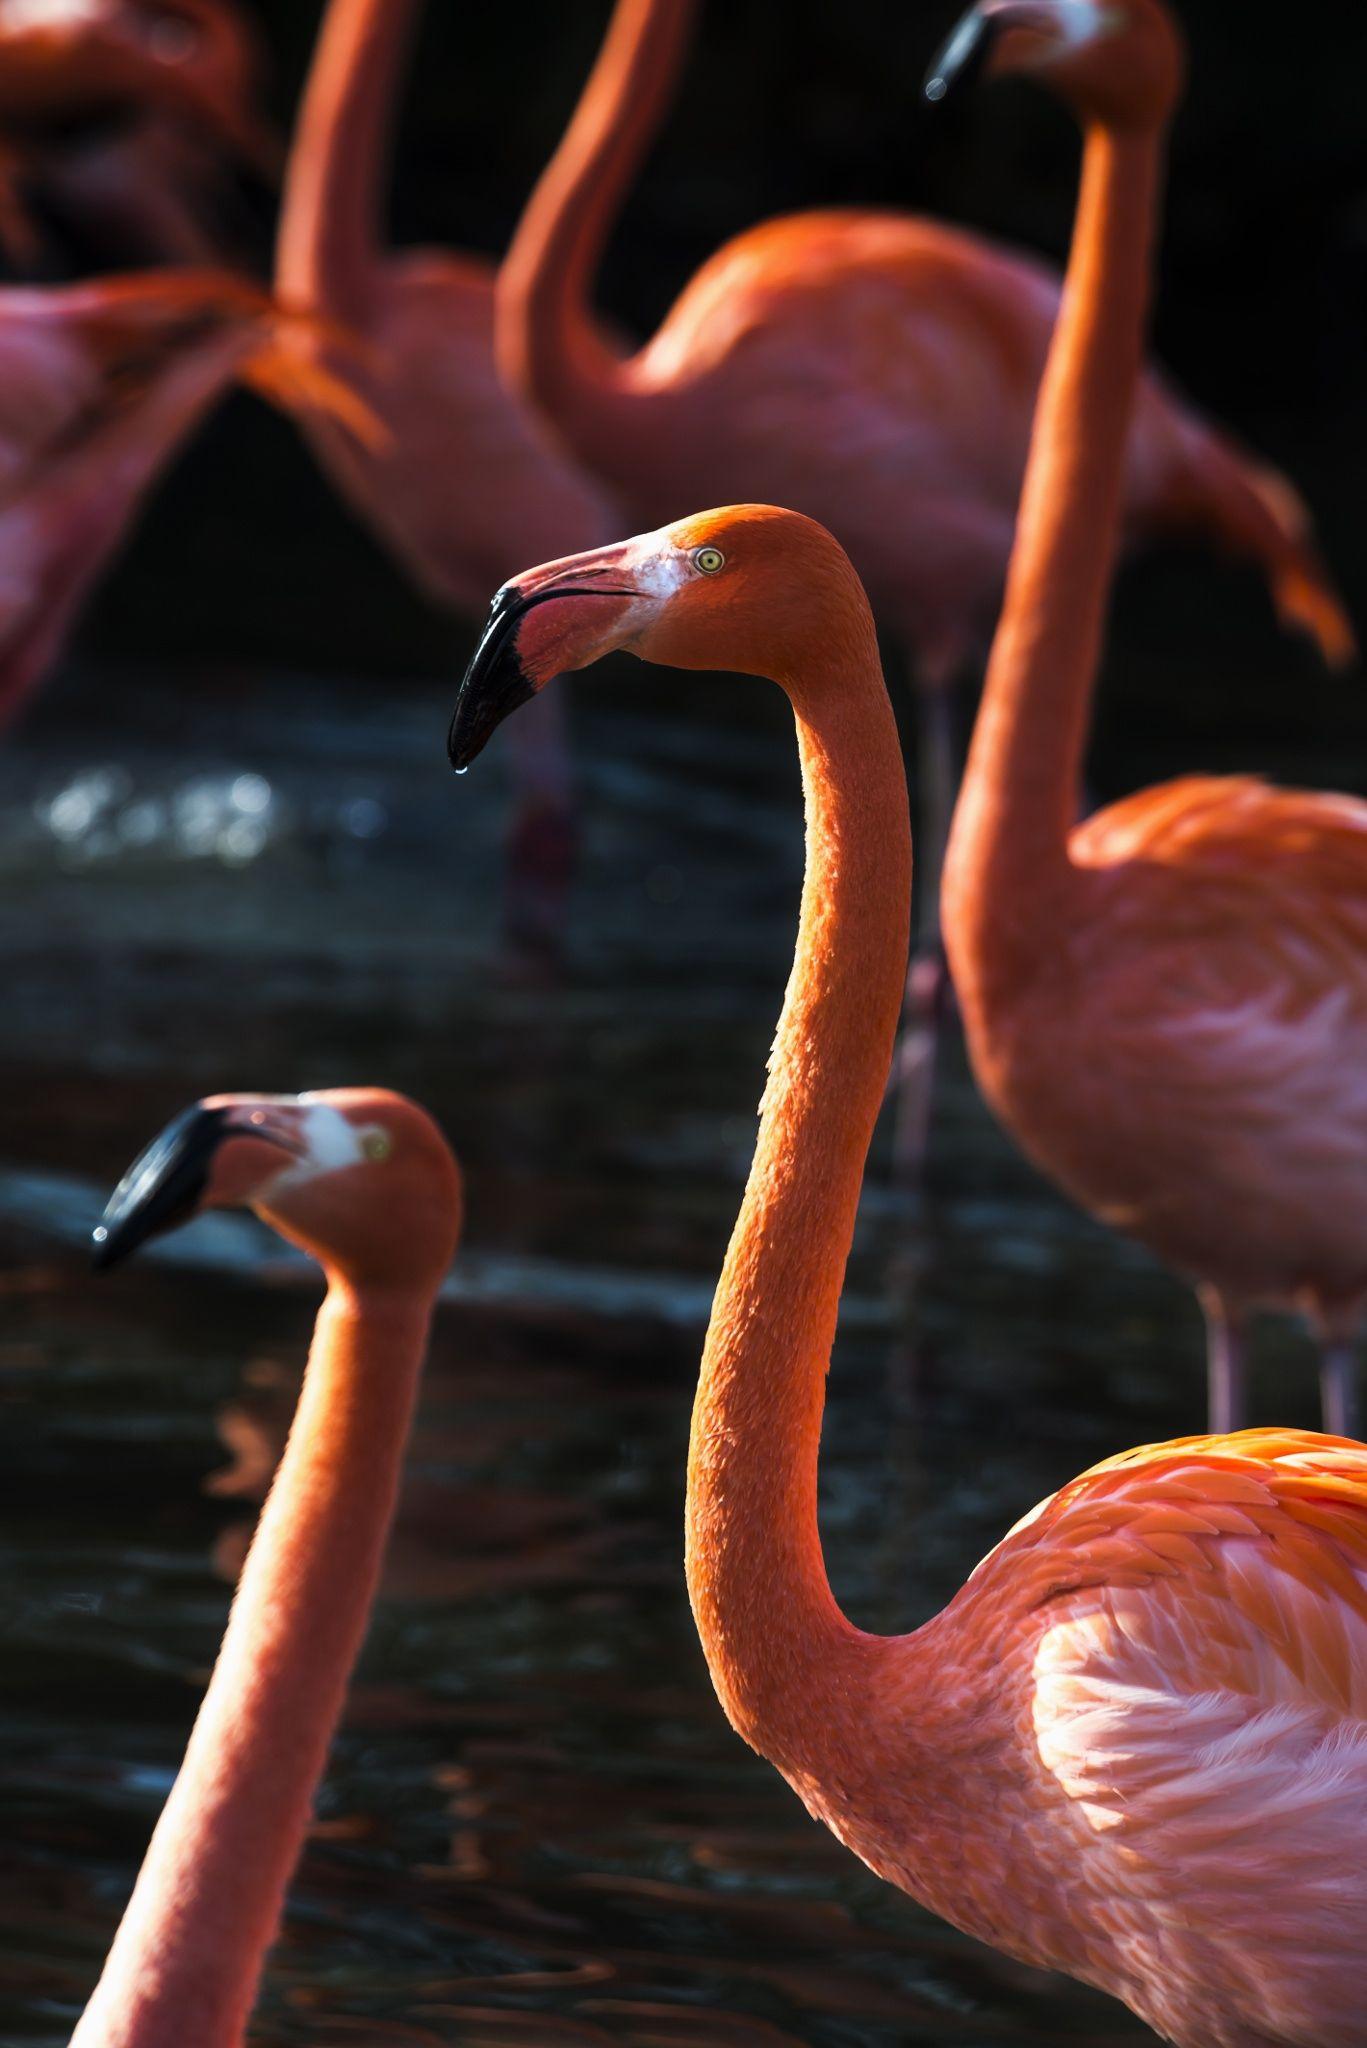 Flamingo Dance - Flamingos in water.